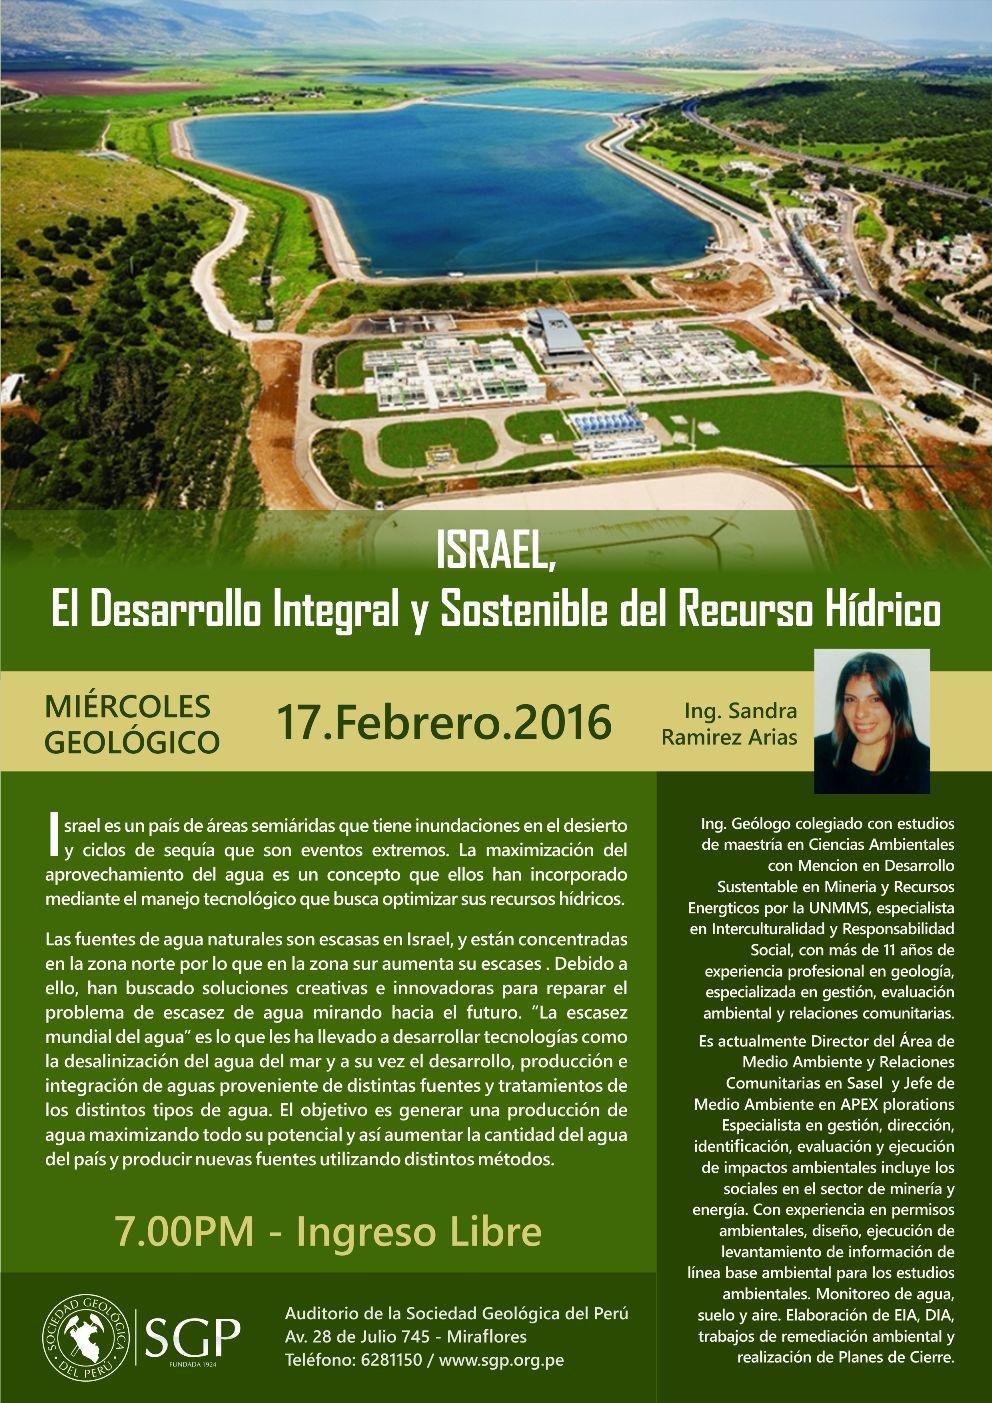 Israel el desarrollo integral y sostenible del recurso hídrico